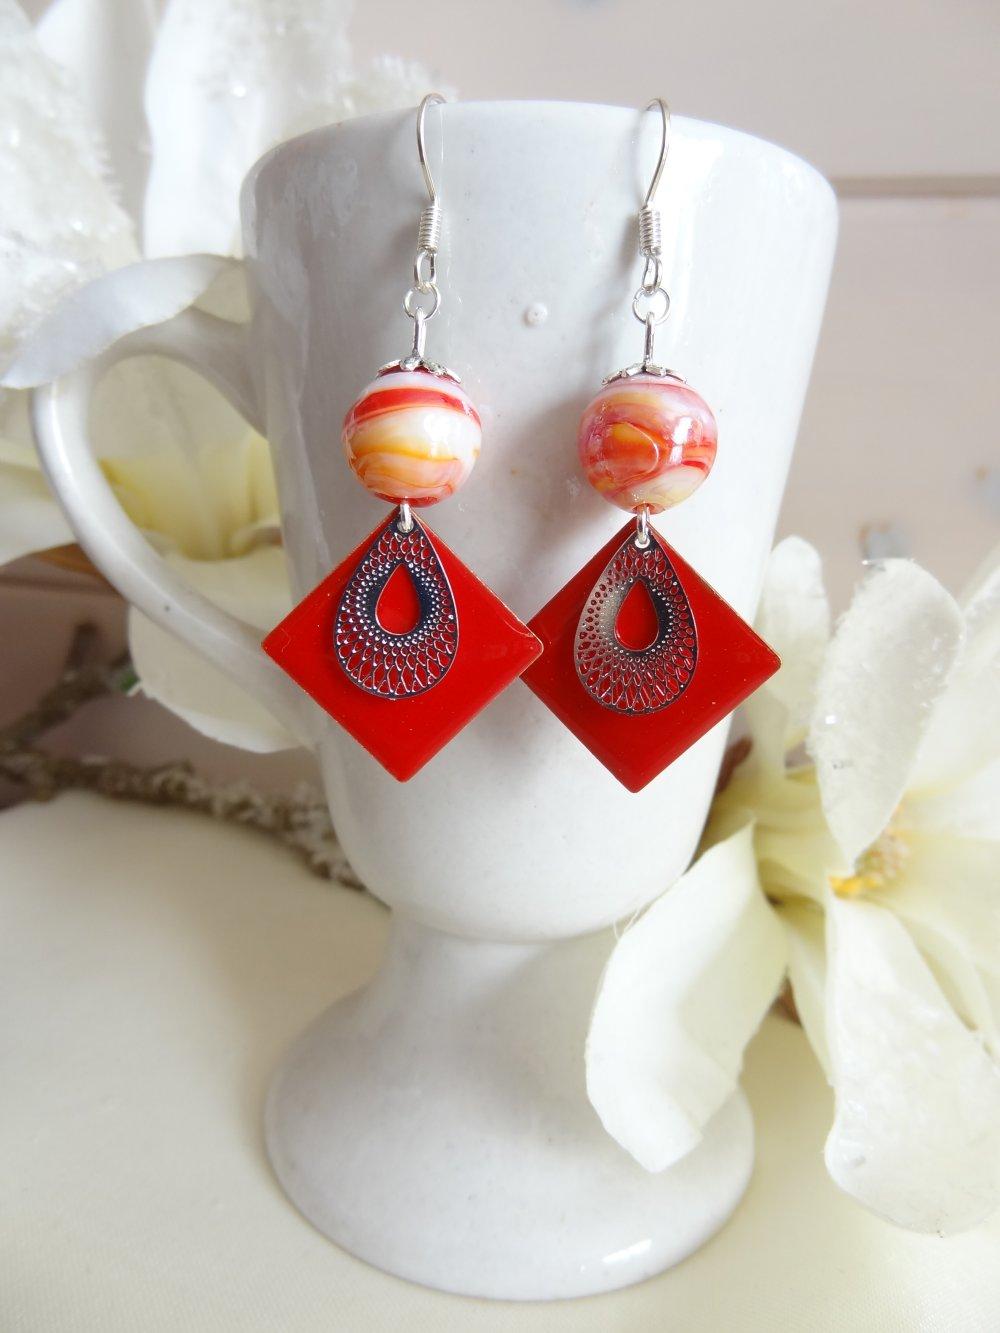 boucles d'oreilles fantaisie rouges